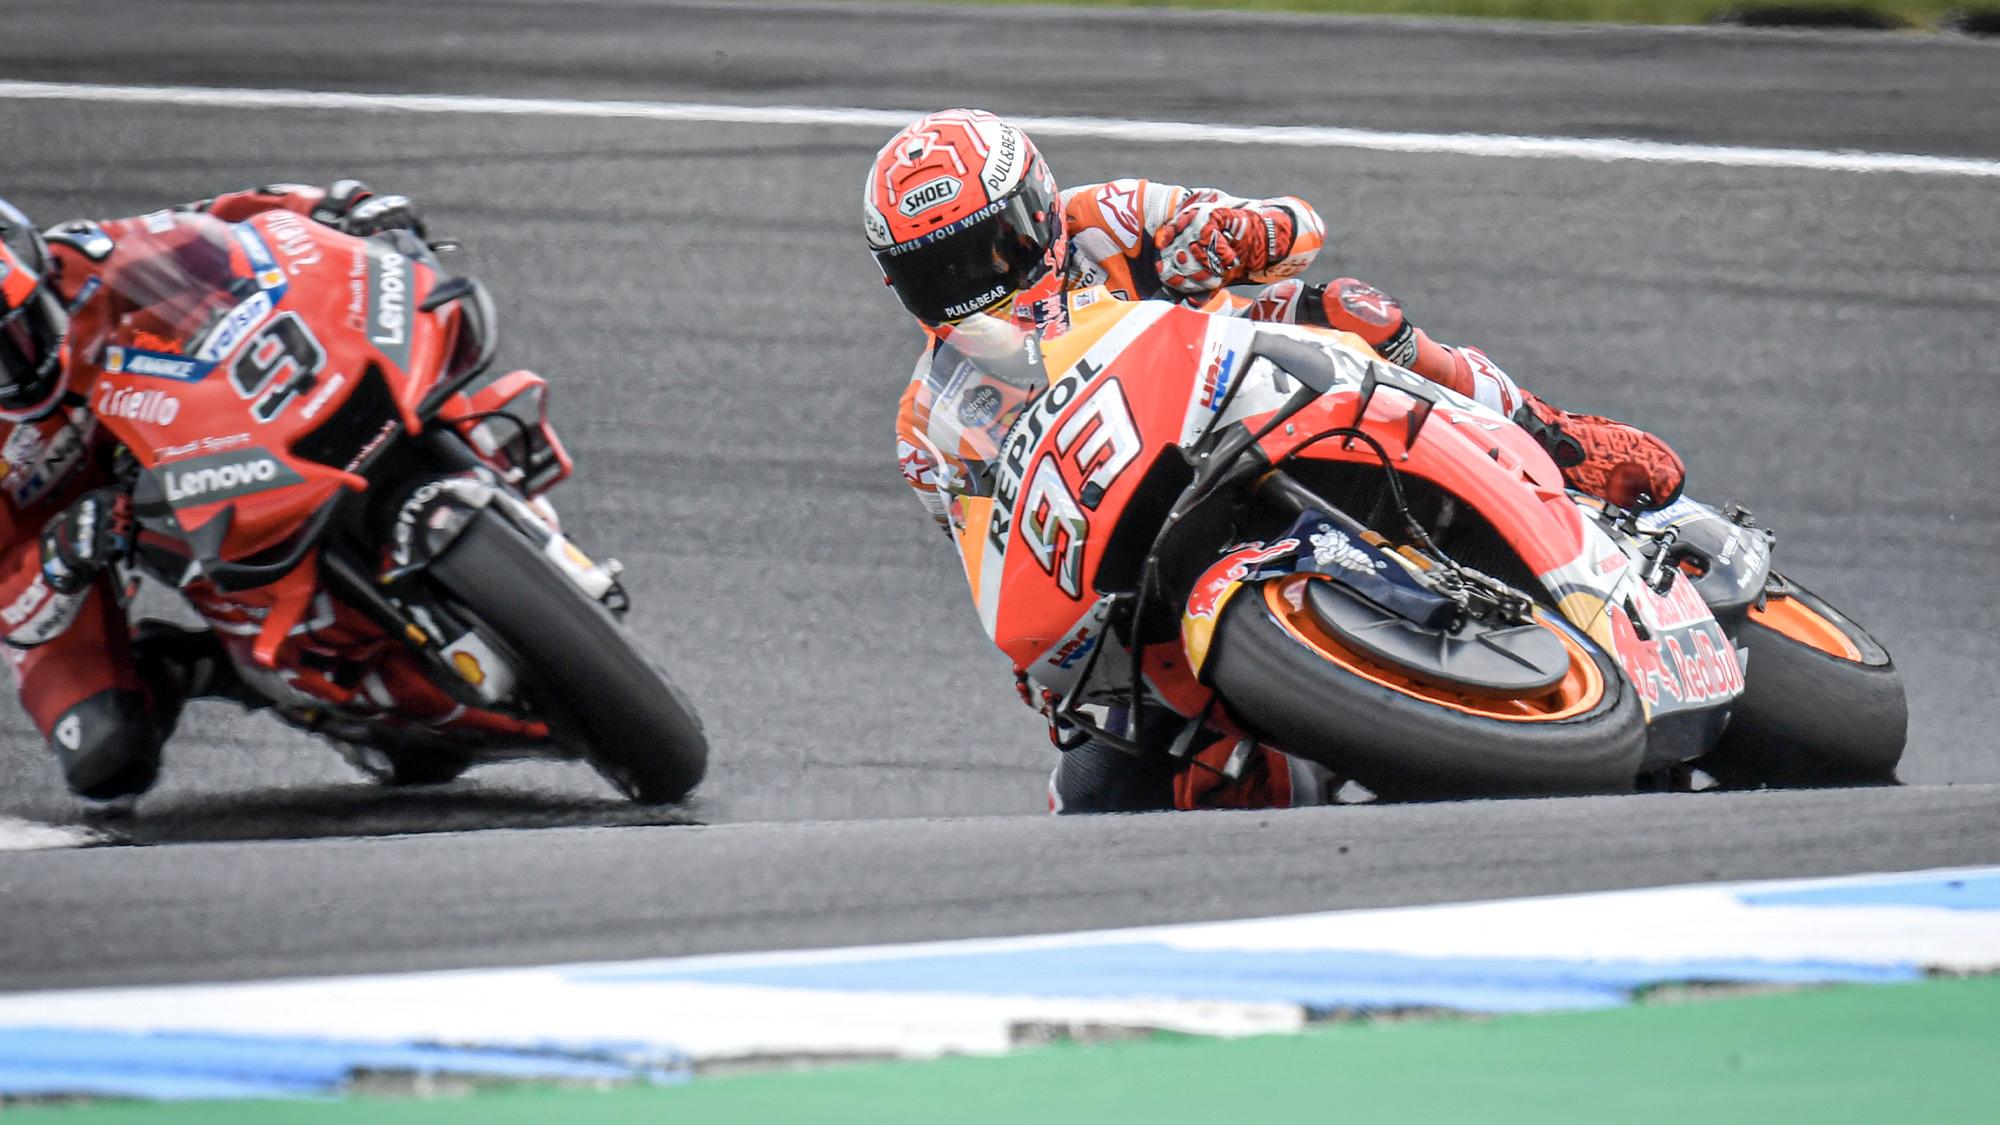 Marc Marquez attrape une diapositive pendant 2019 MotoGP GP d'australie pratique